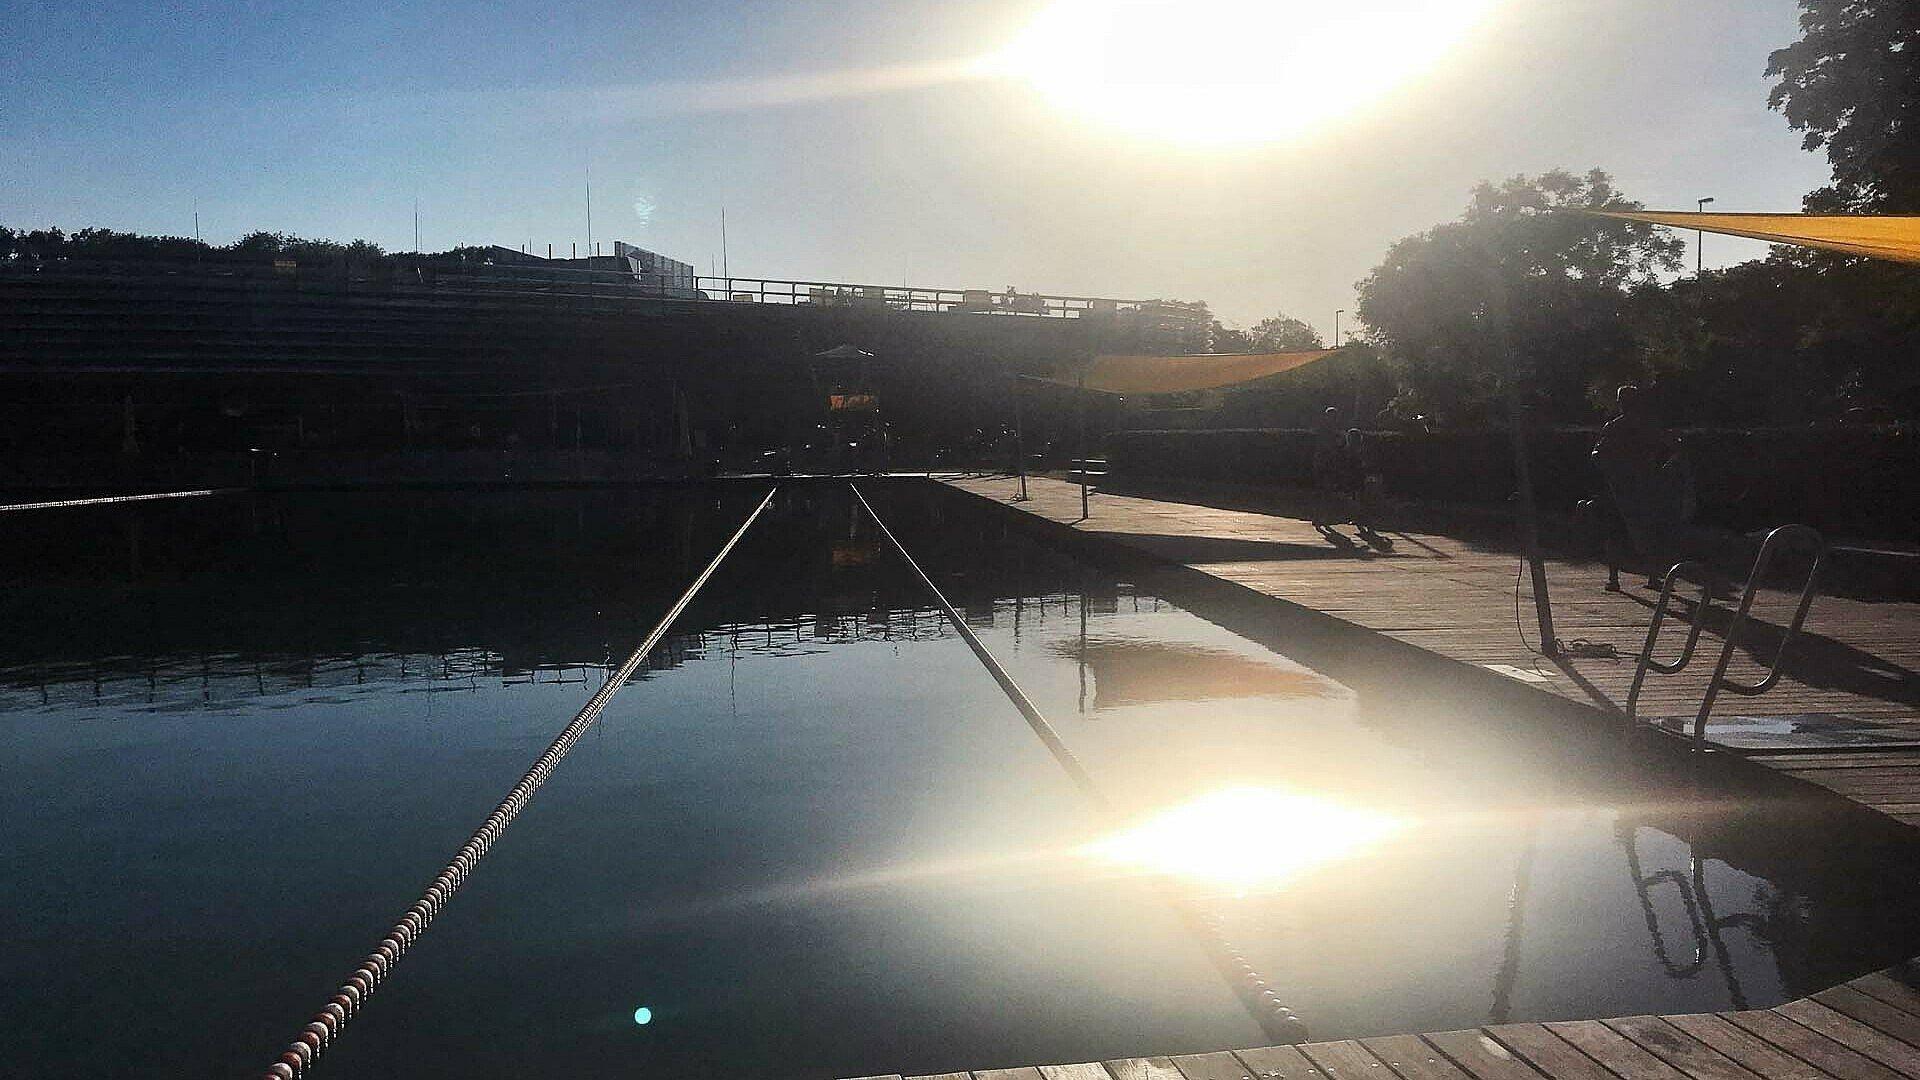 Das Becken des Naturbads Lentpark im Schein des Sonnenuntergangs